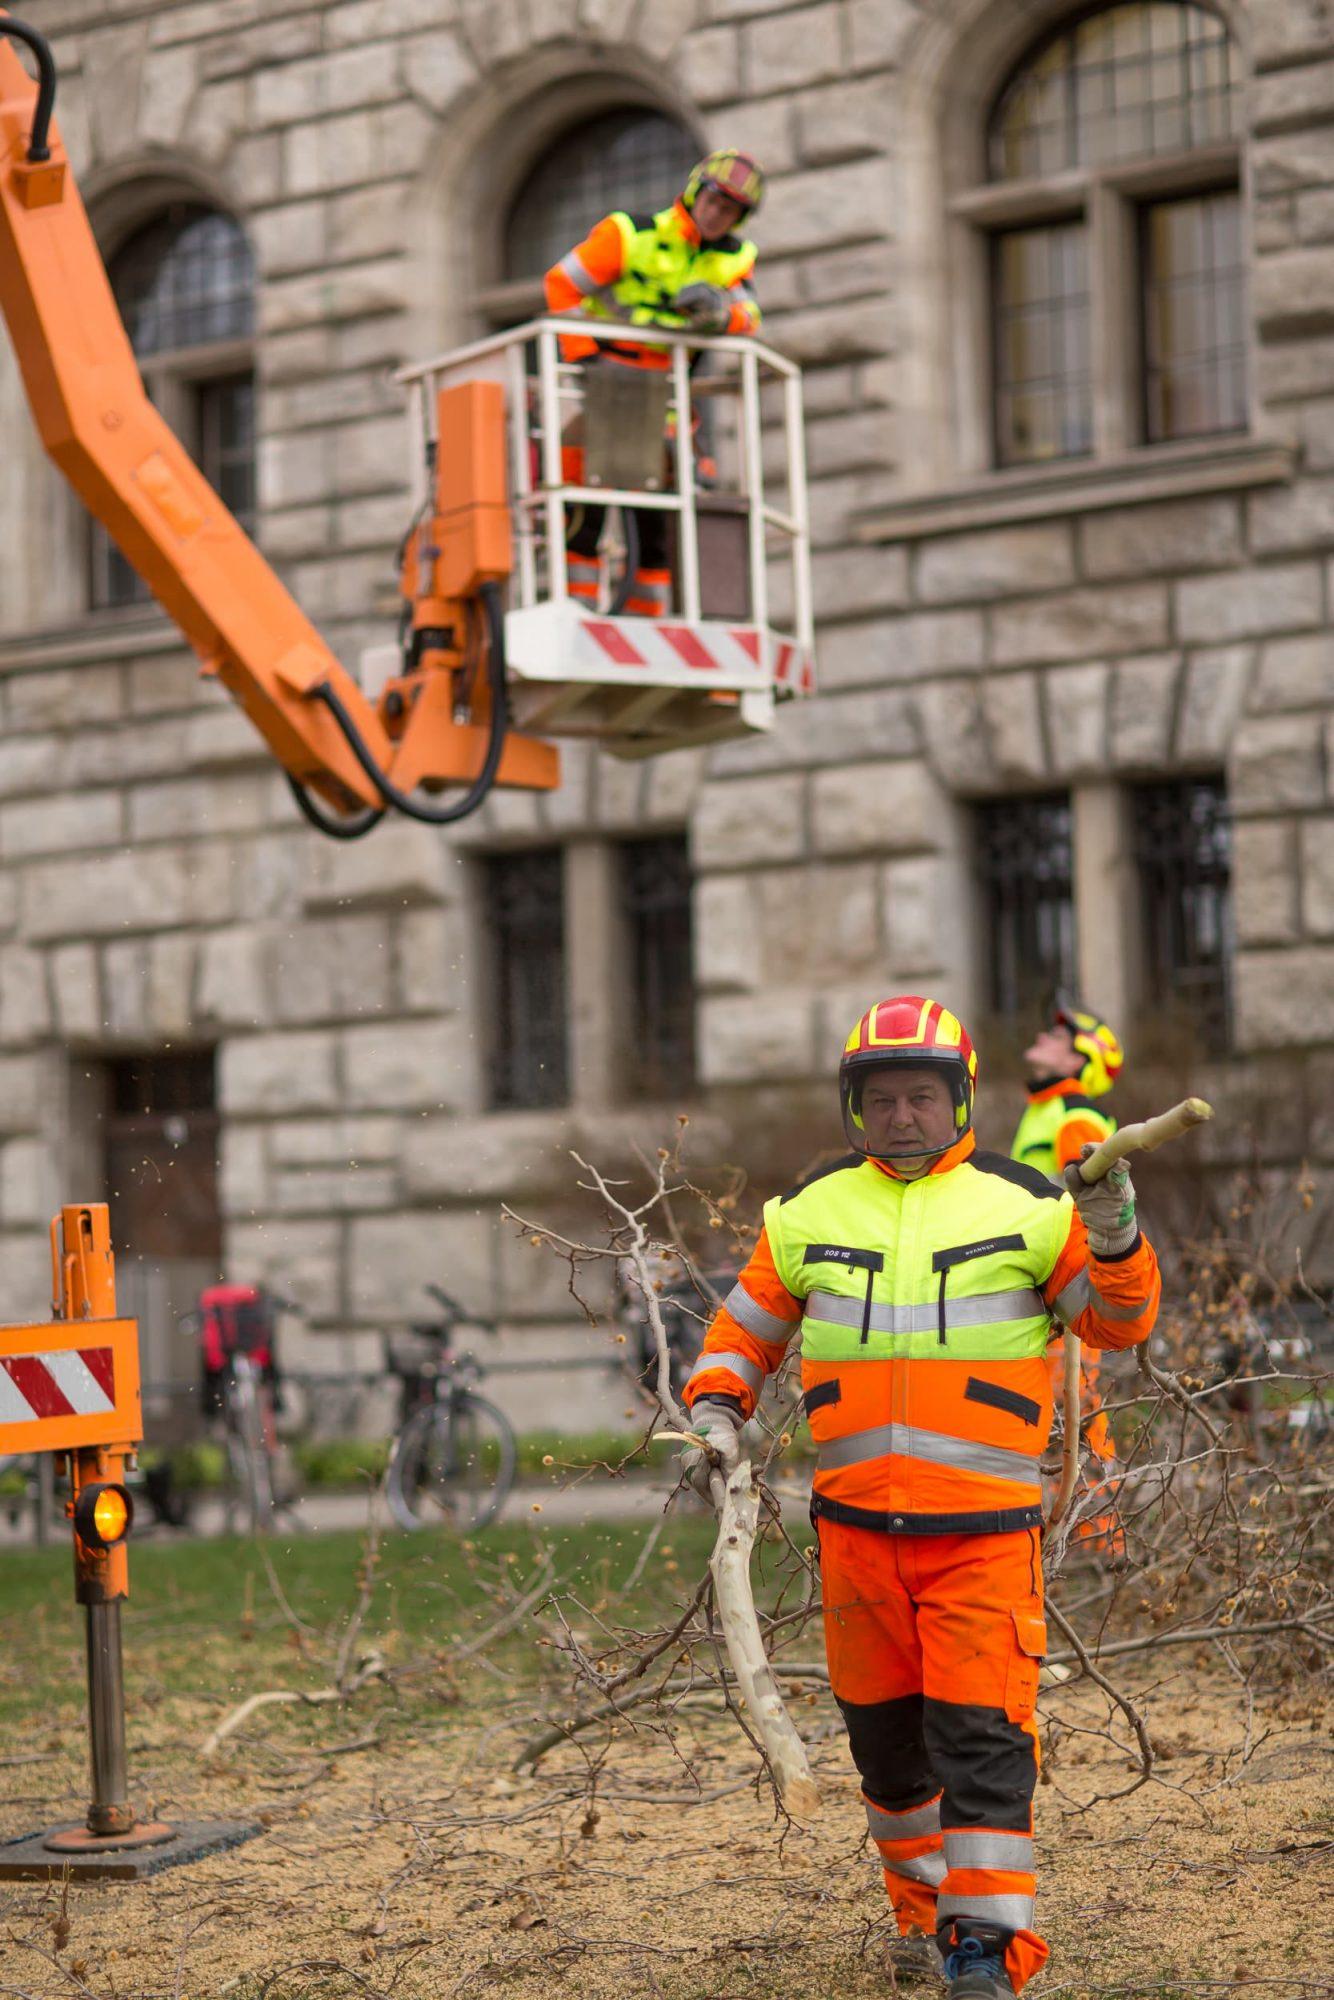 Regentaucher | Fotografie von Baumschnittarbeiten in der Innenstadt Leipzig im Auftrag der Stadtreinigung Leipzig